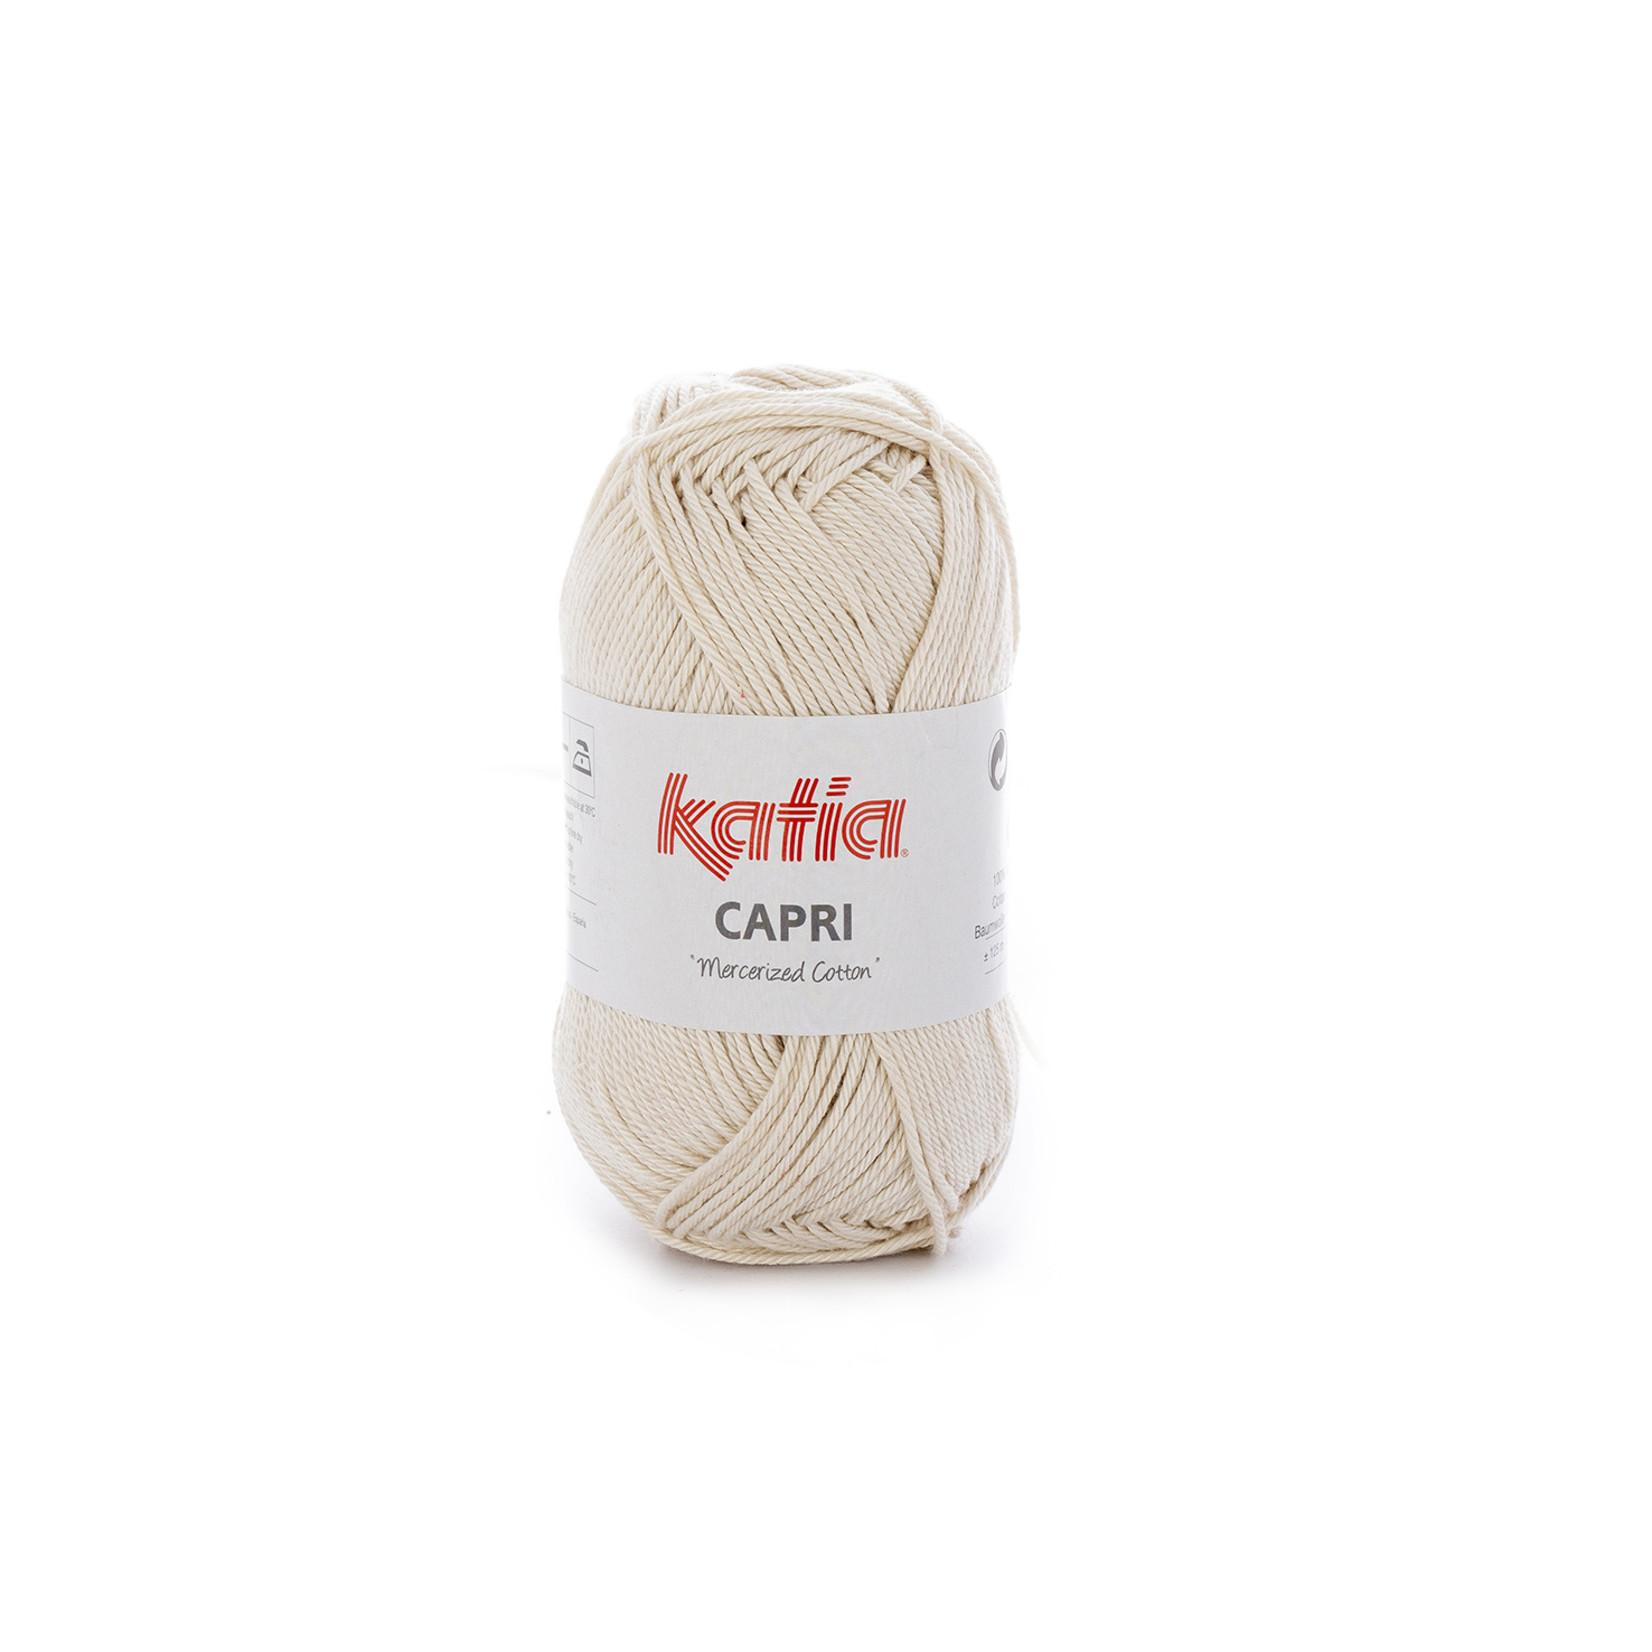 Katia Katia Capri - kleur 141 Zeer licht beige - 50 gr. = 125 m. - 100% katoen